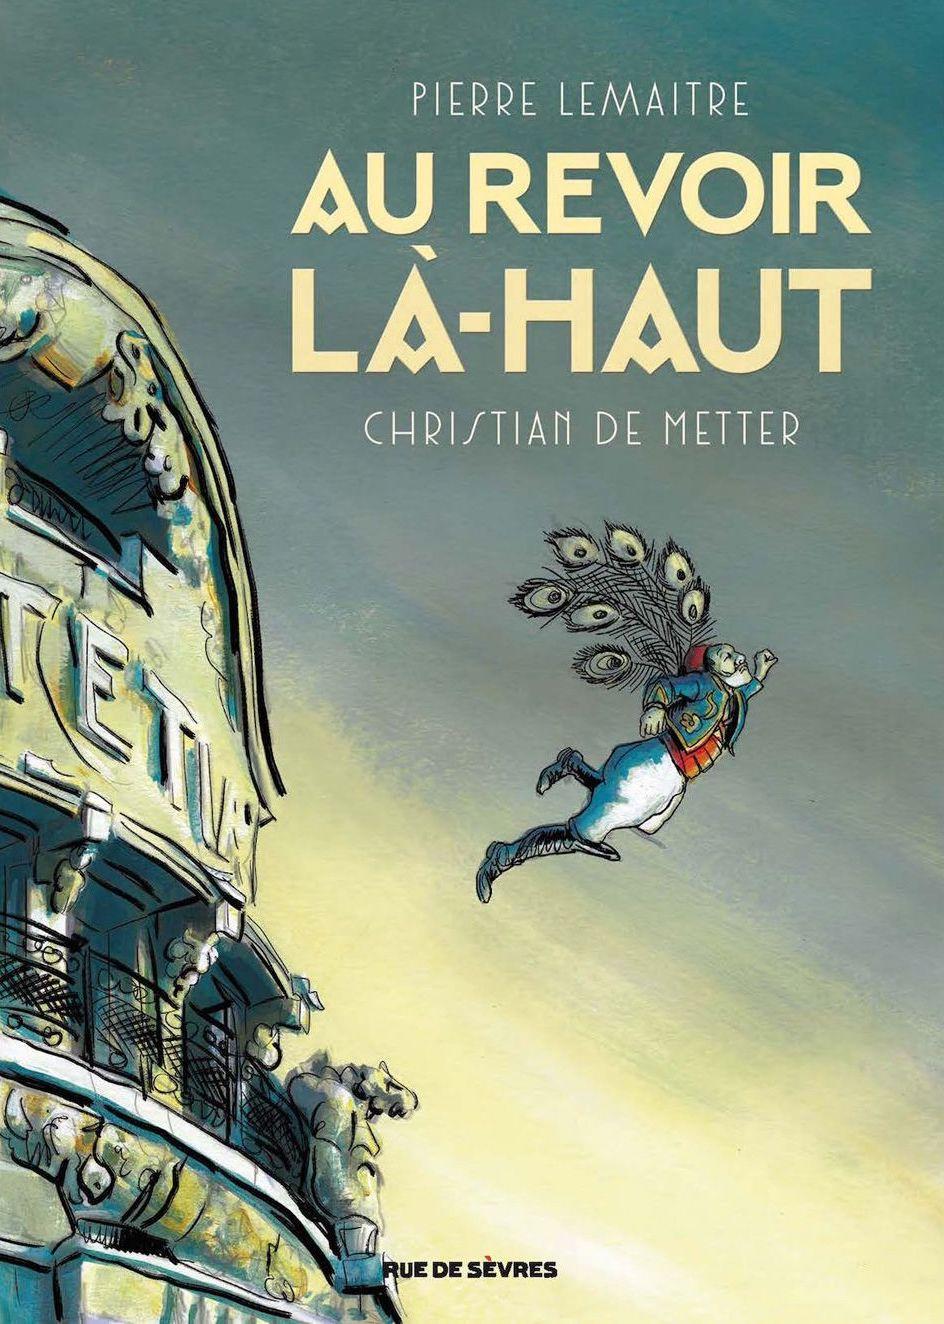 Au-revoir-la-haut-de-Pierre-Lemaitre-et-Christian-De-Metter-.jpg